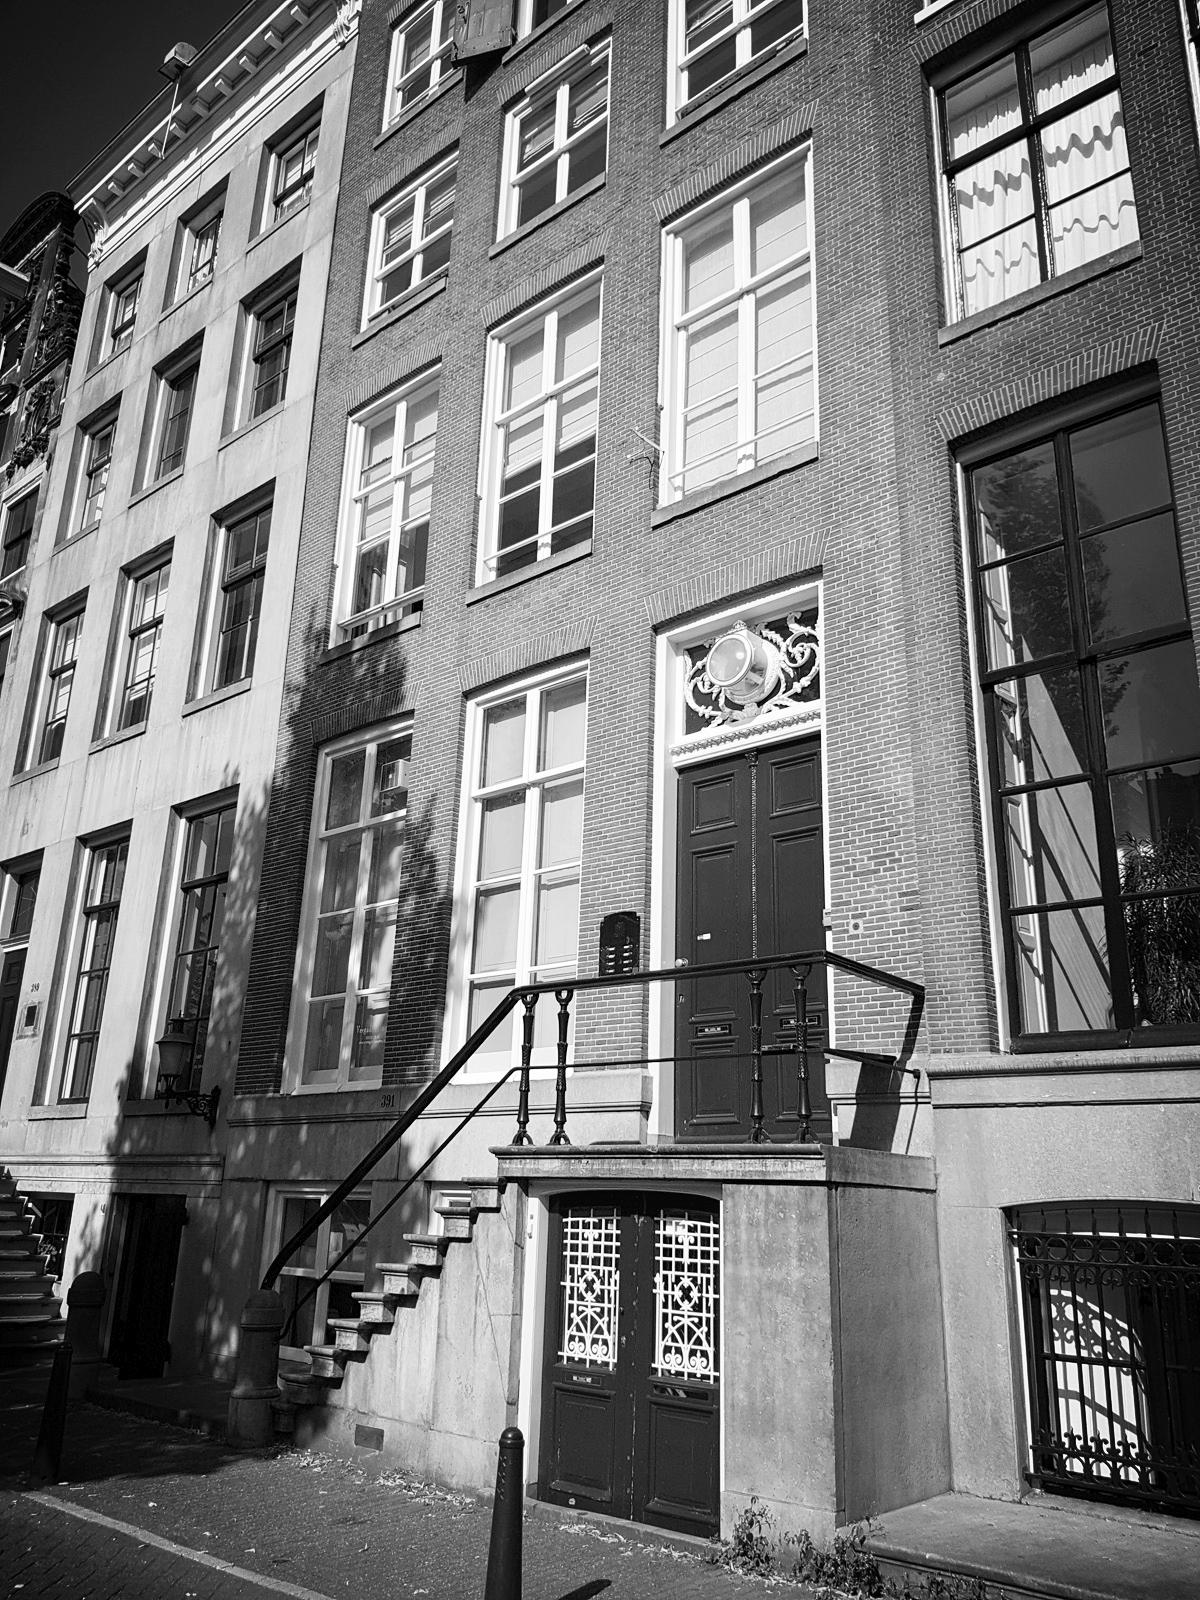 MusicaJuridica opent nieuwe vestiging aan Keizersgracht in Amsterdam